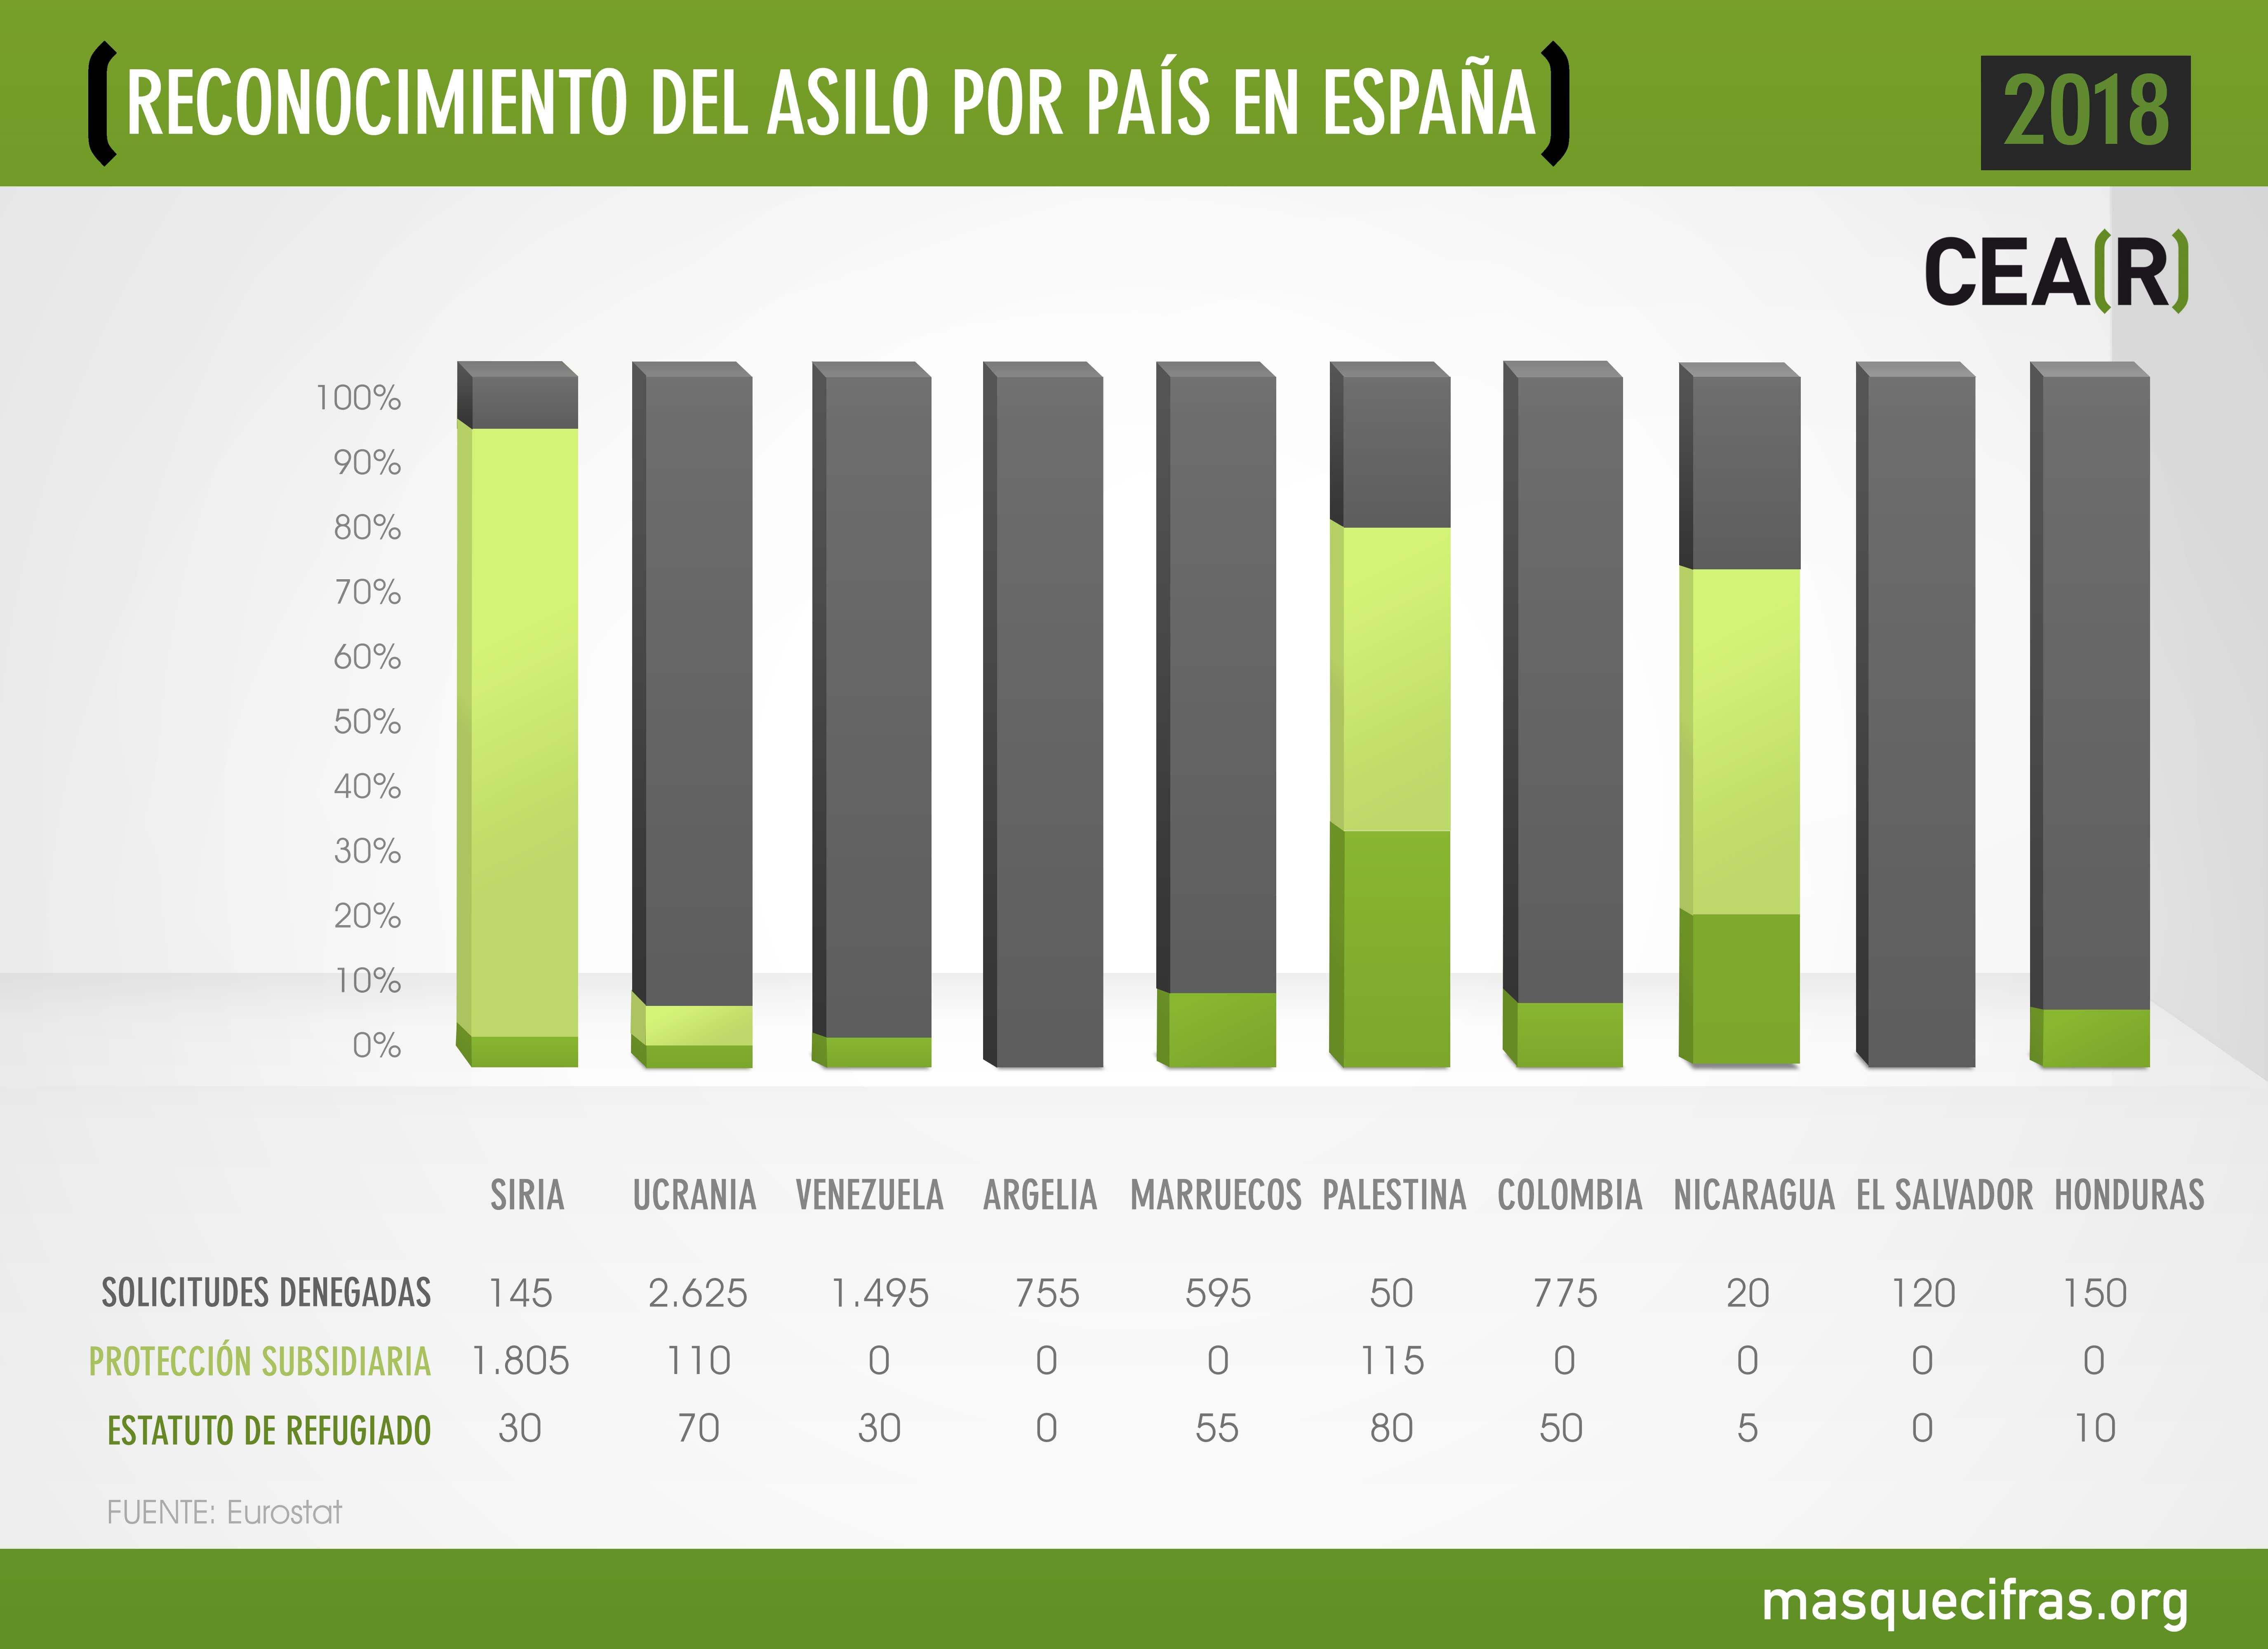 Reconocimiento del asilo por país en España